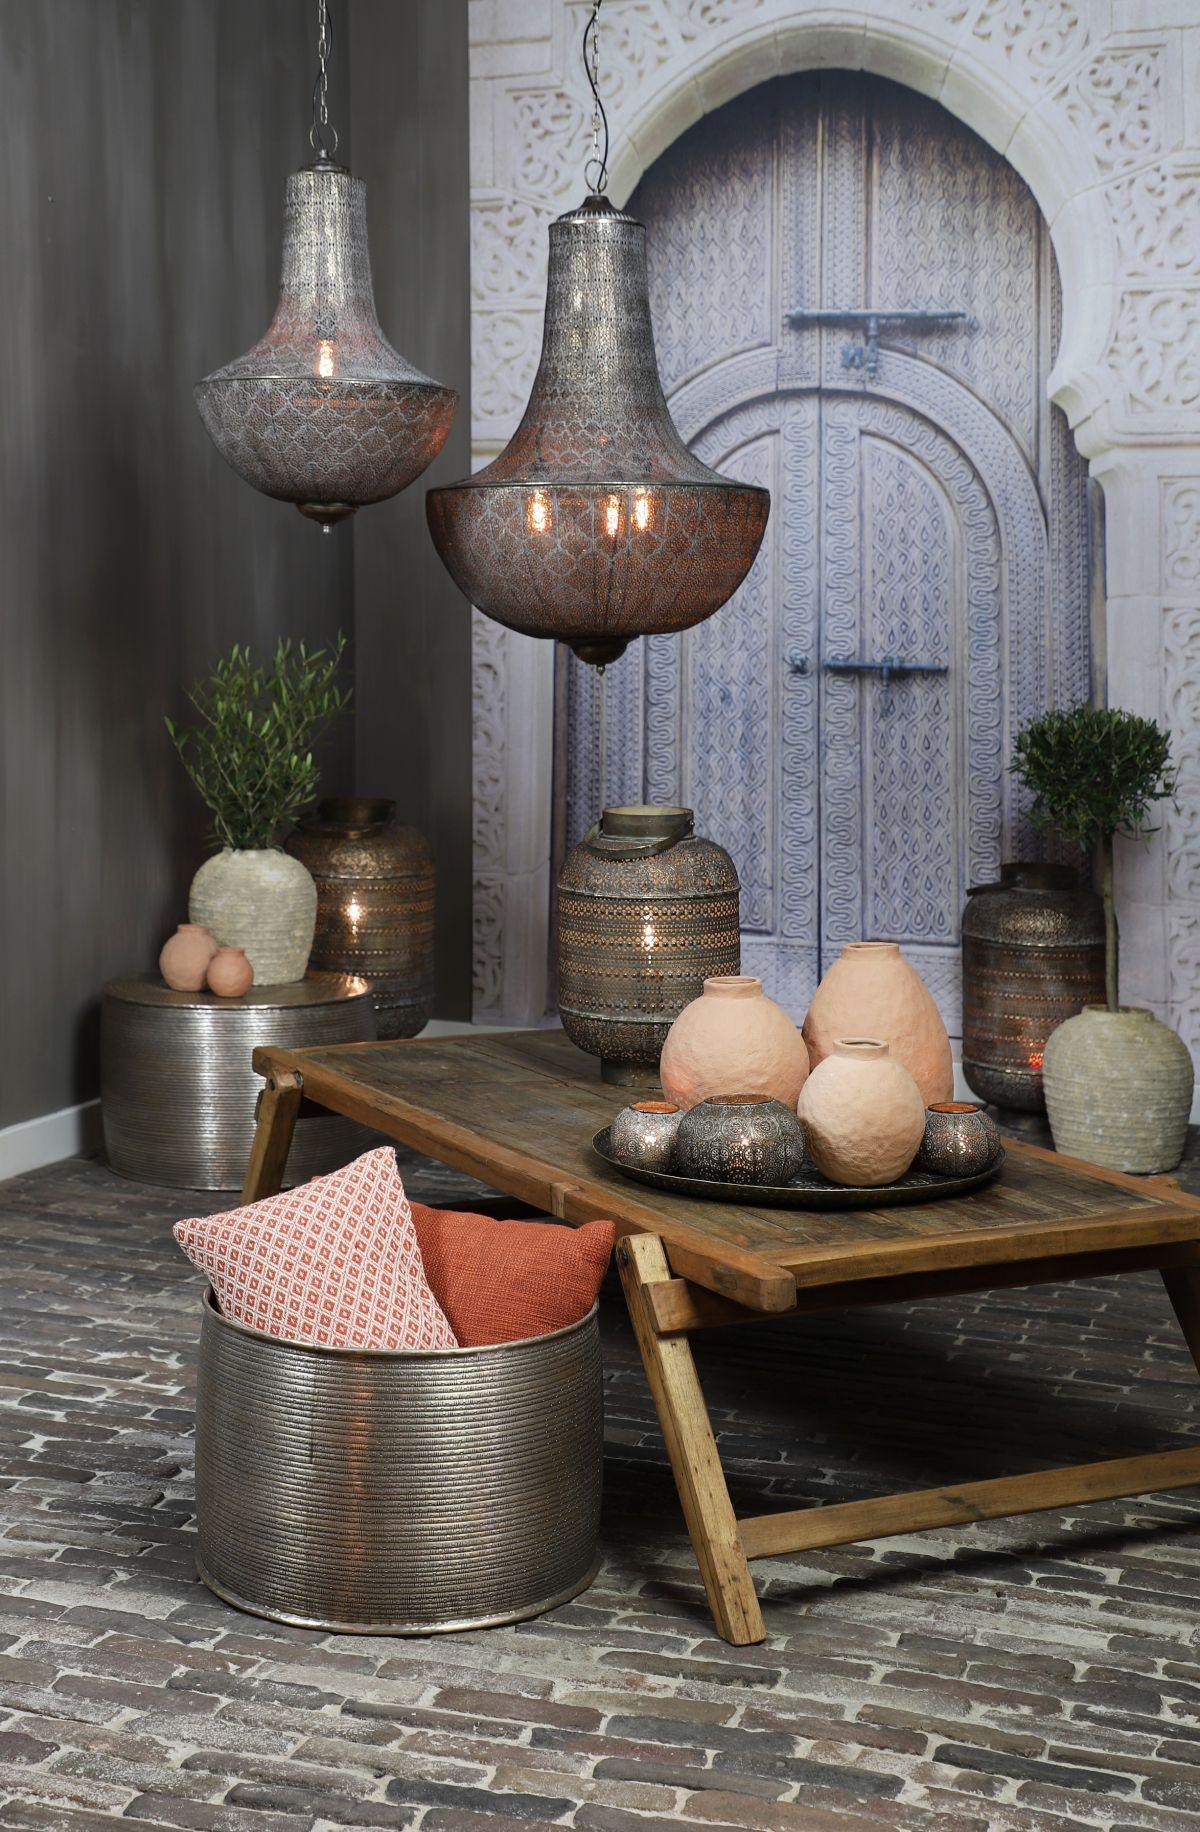 Drømmer du dig også væk til østens mystik, som man kender fra alle eventyrfilmene, så kan Udupi bordlampen være med til at give din boligindretning et strejf af den persiske stil. BoShop Collection har med deres Udopi bordlampe skabt en smuk og iøjefaldende lampe til hjemmet.